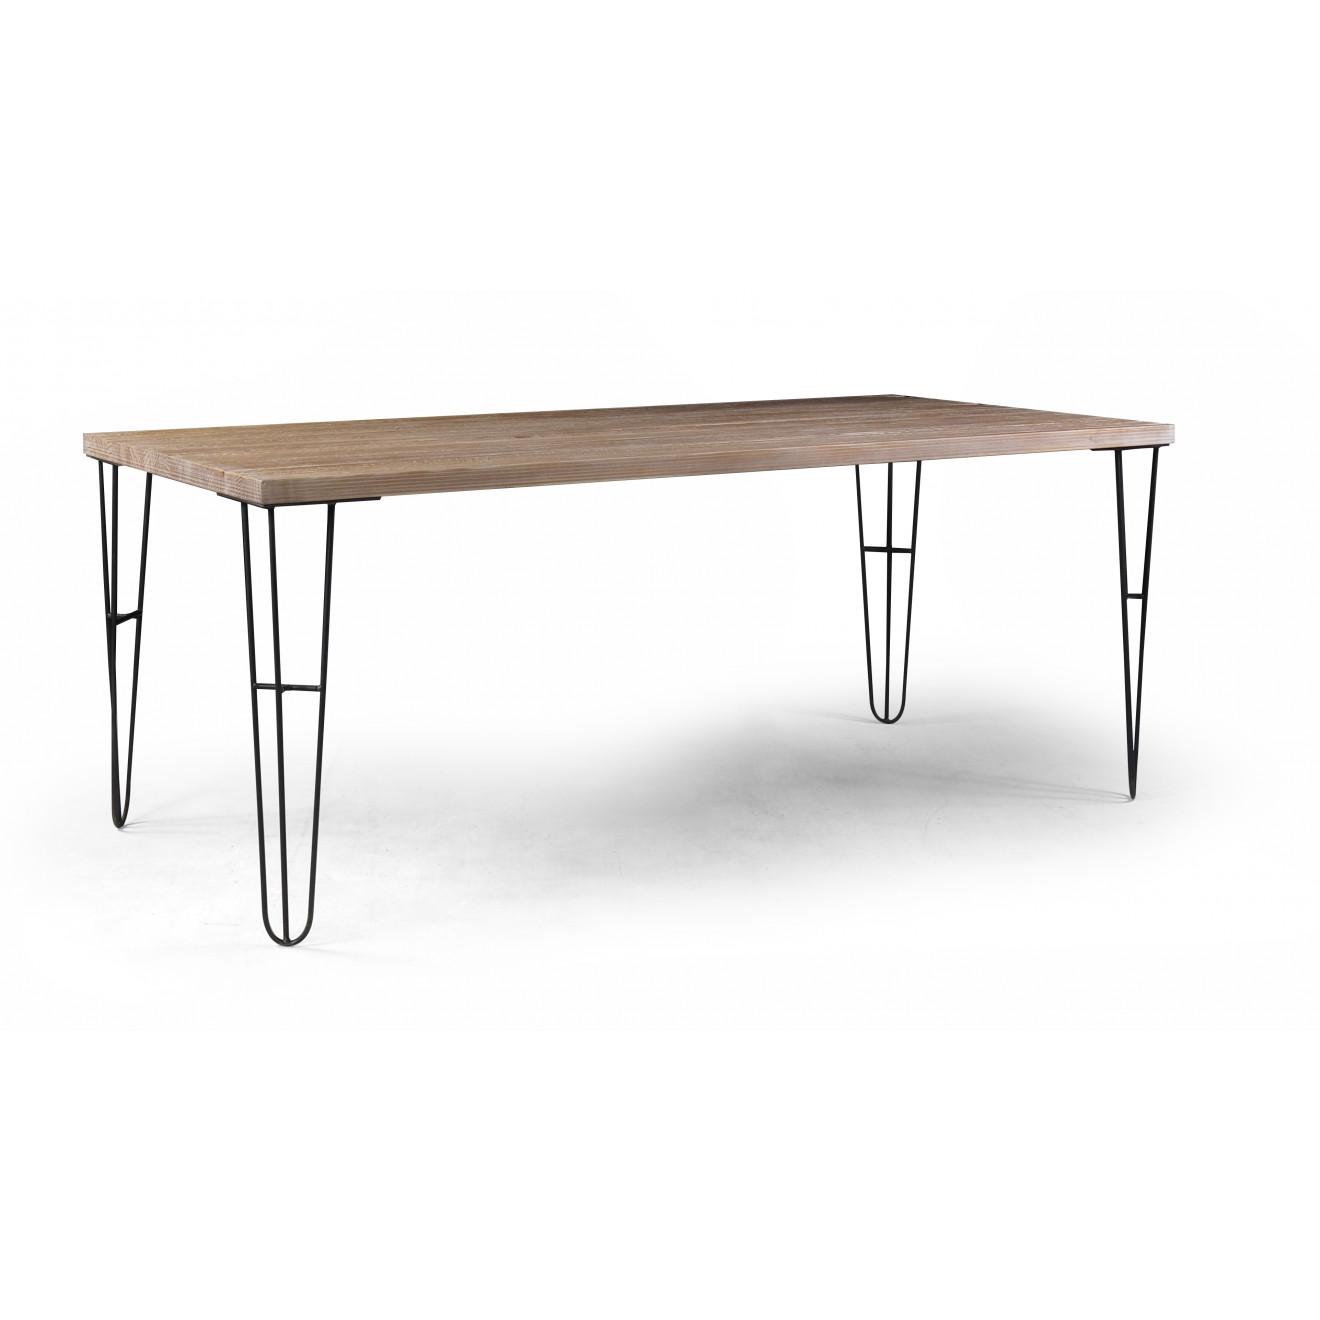 Mesa iron mesas de jantar estilo industrial muma for Mesa de centro industrial